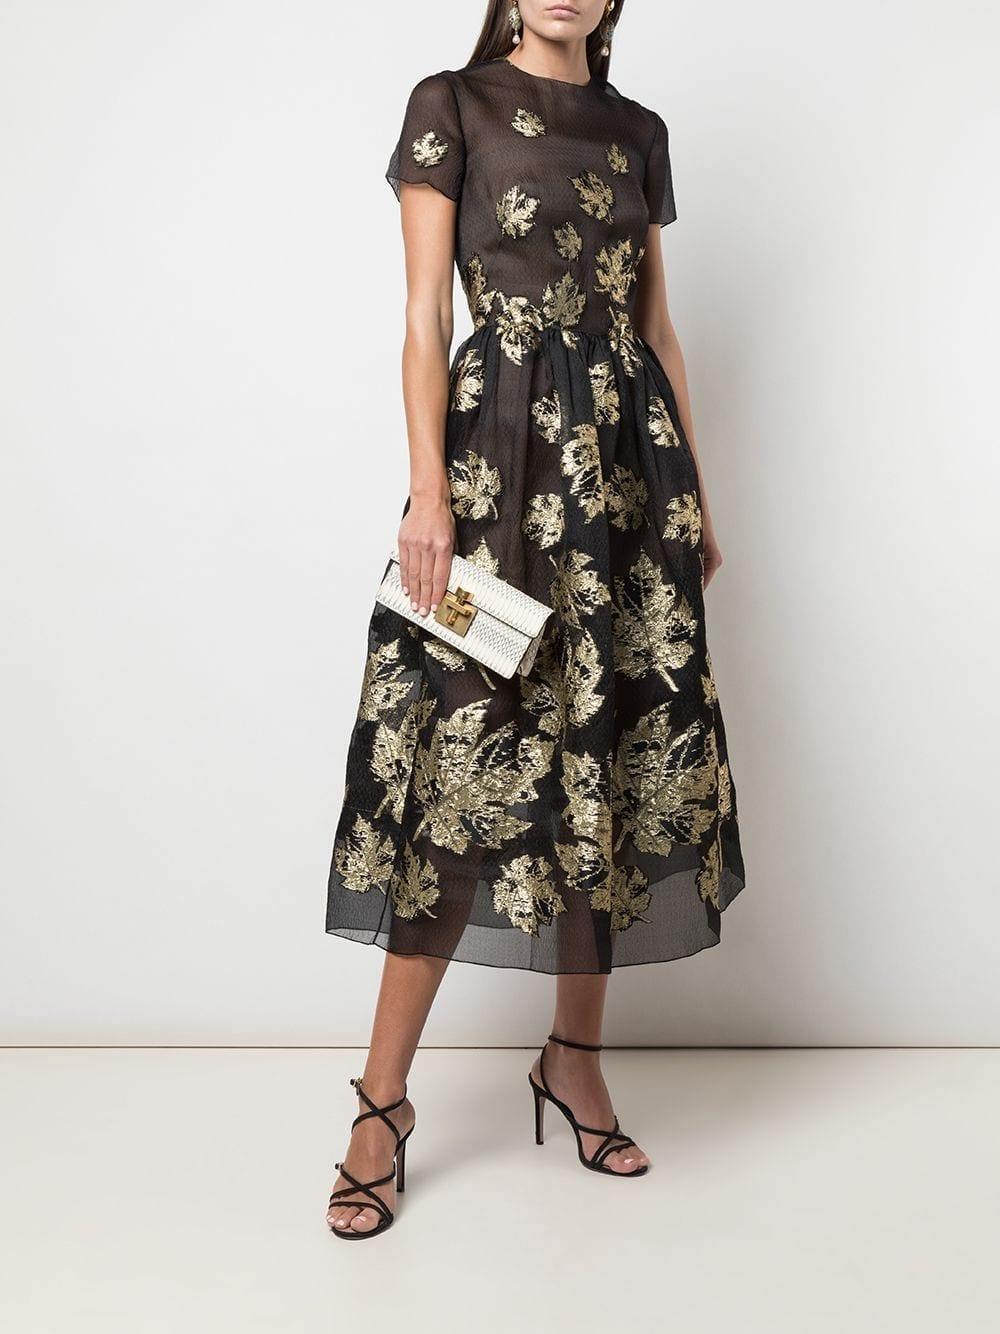 OSCAR DE LA RENTA Sheer Leaf Print Dress